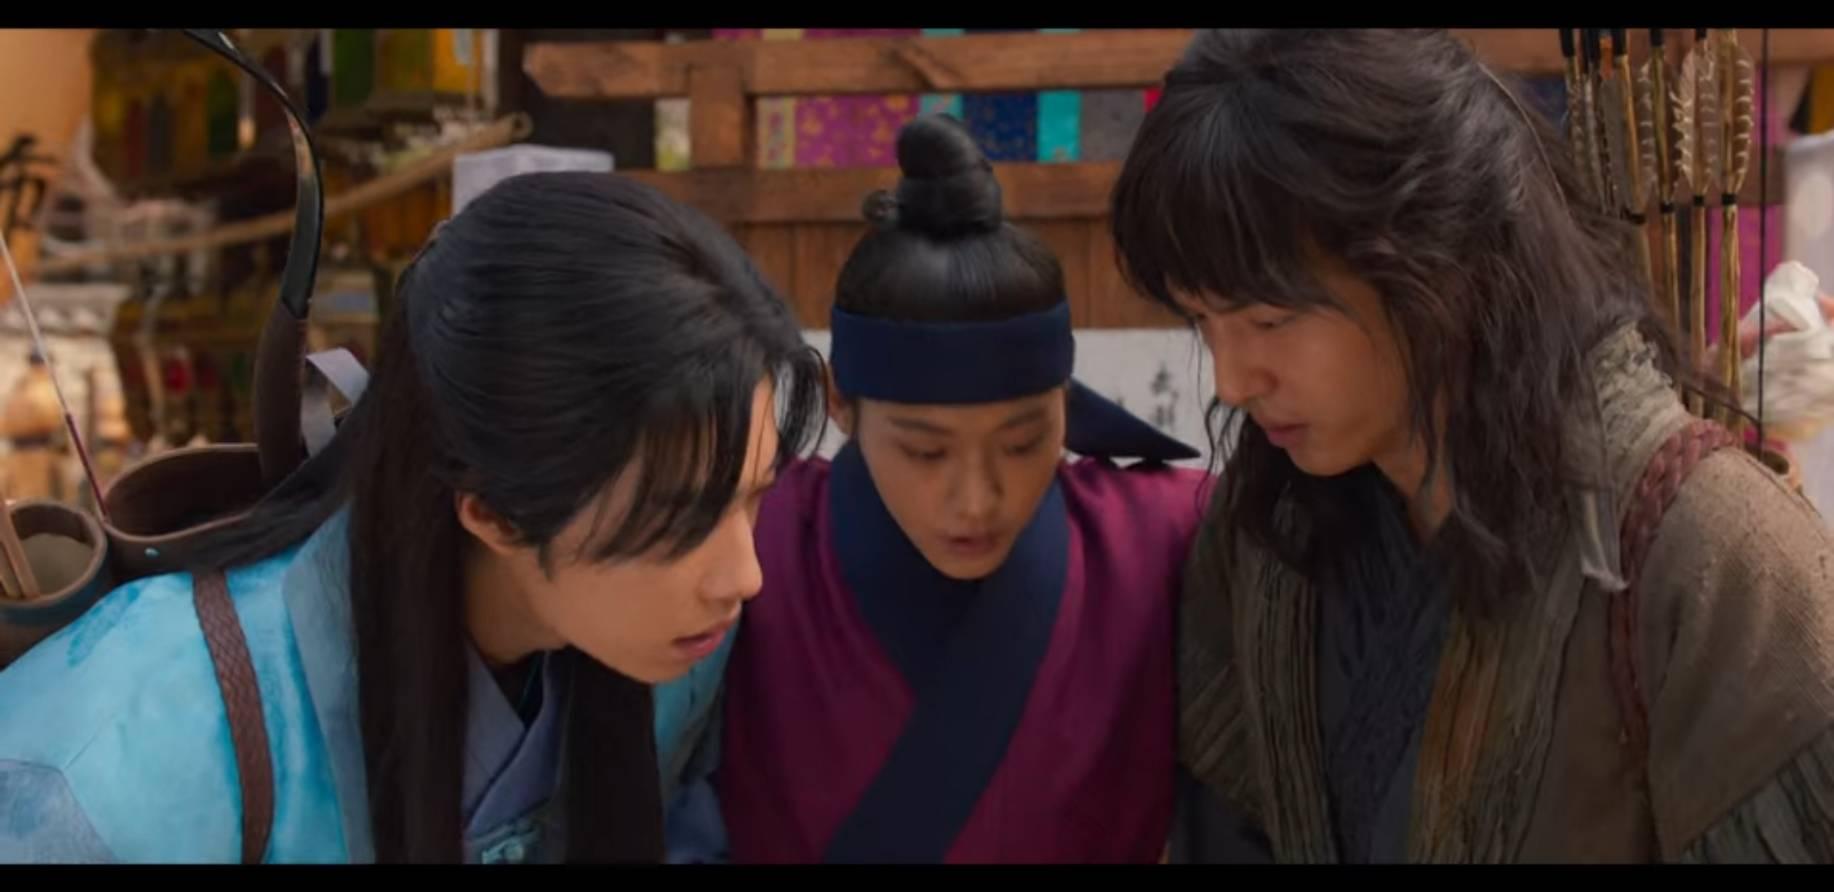 pojok-drama-my-country-makna-patriot-dan-persahabatan-salam-korea-10